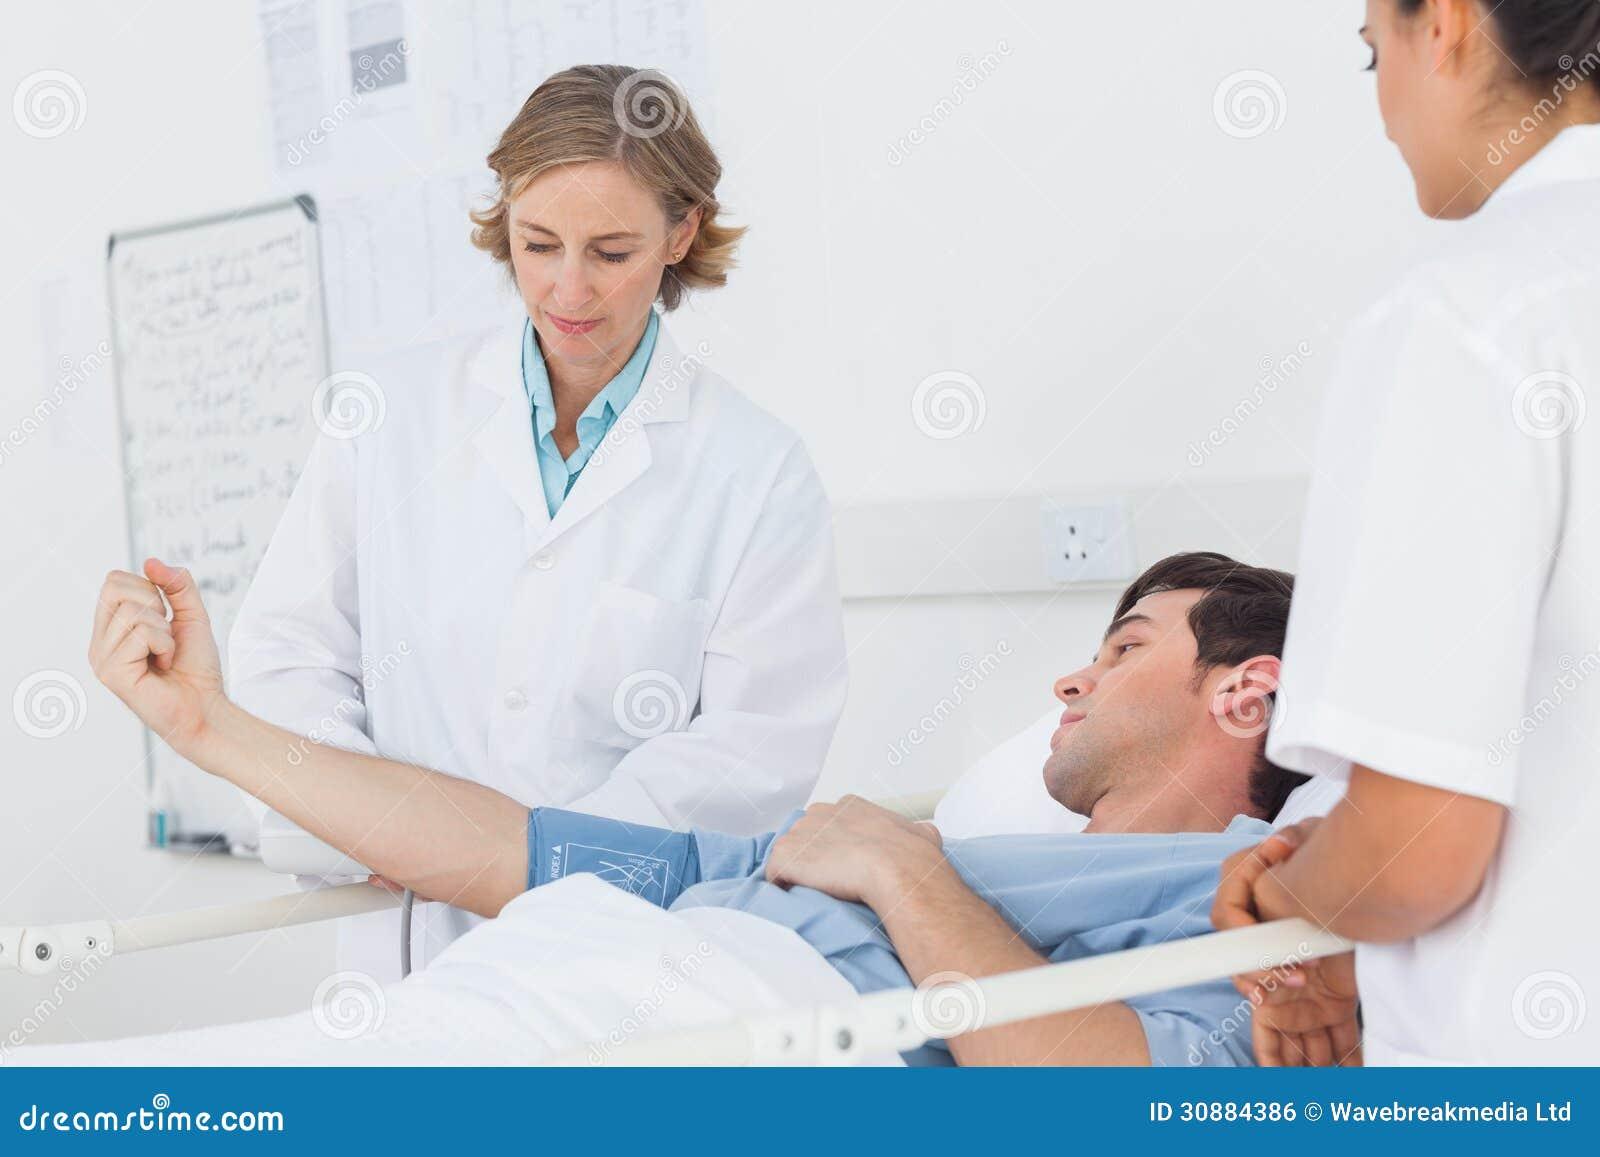 Medici che misurano la pressione sanguigna di un paziente maschio